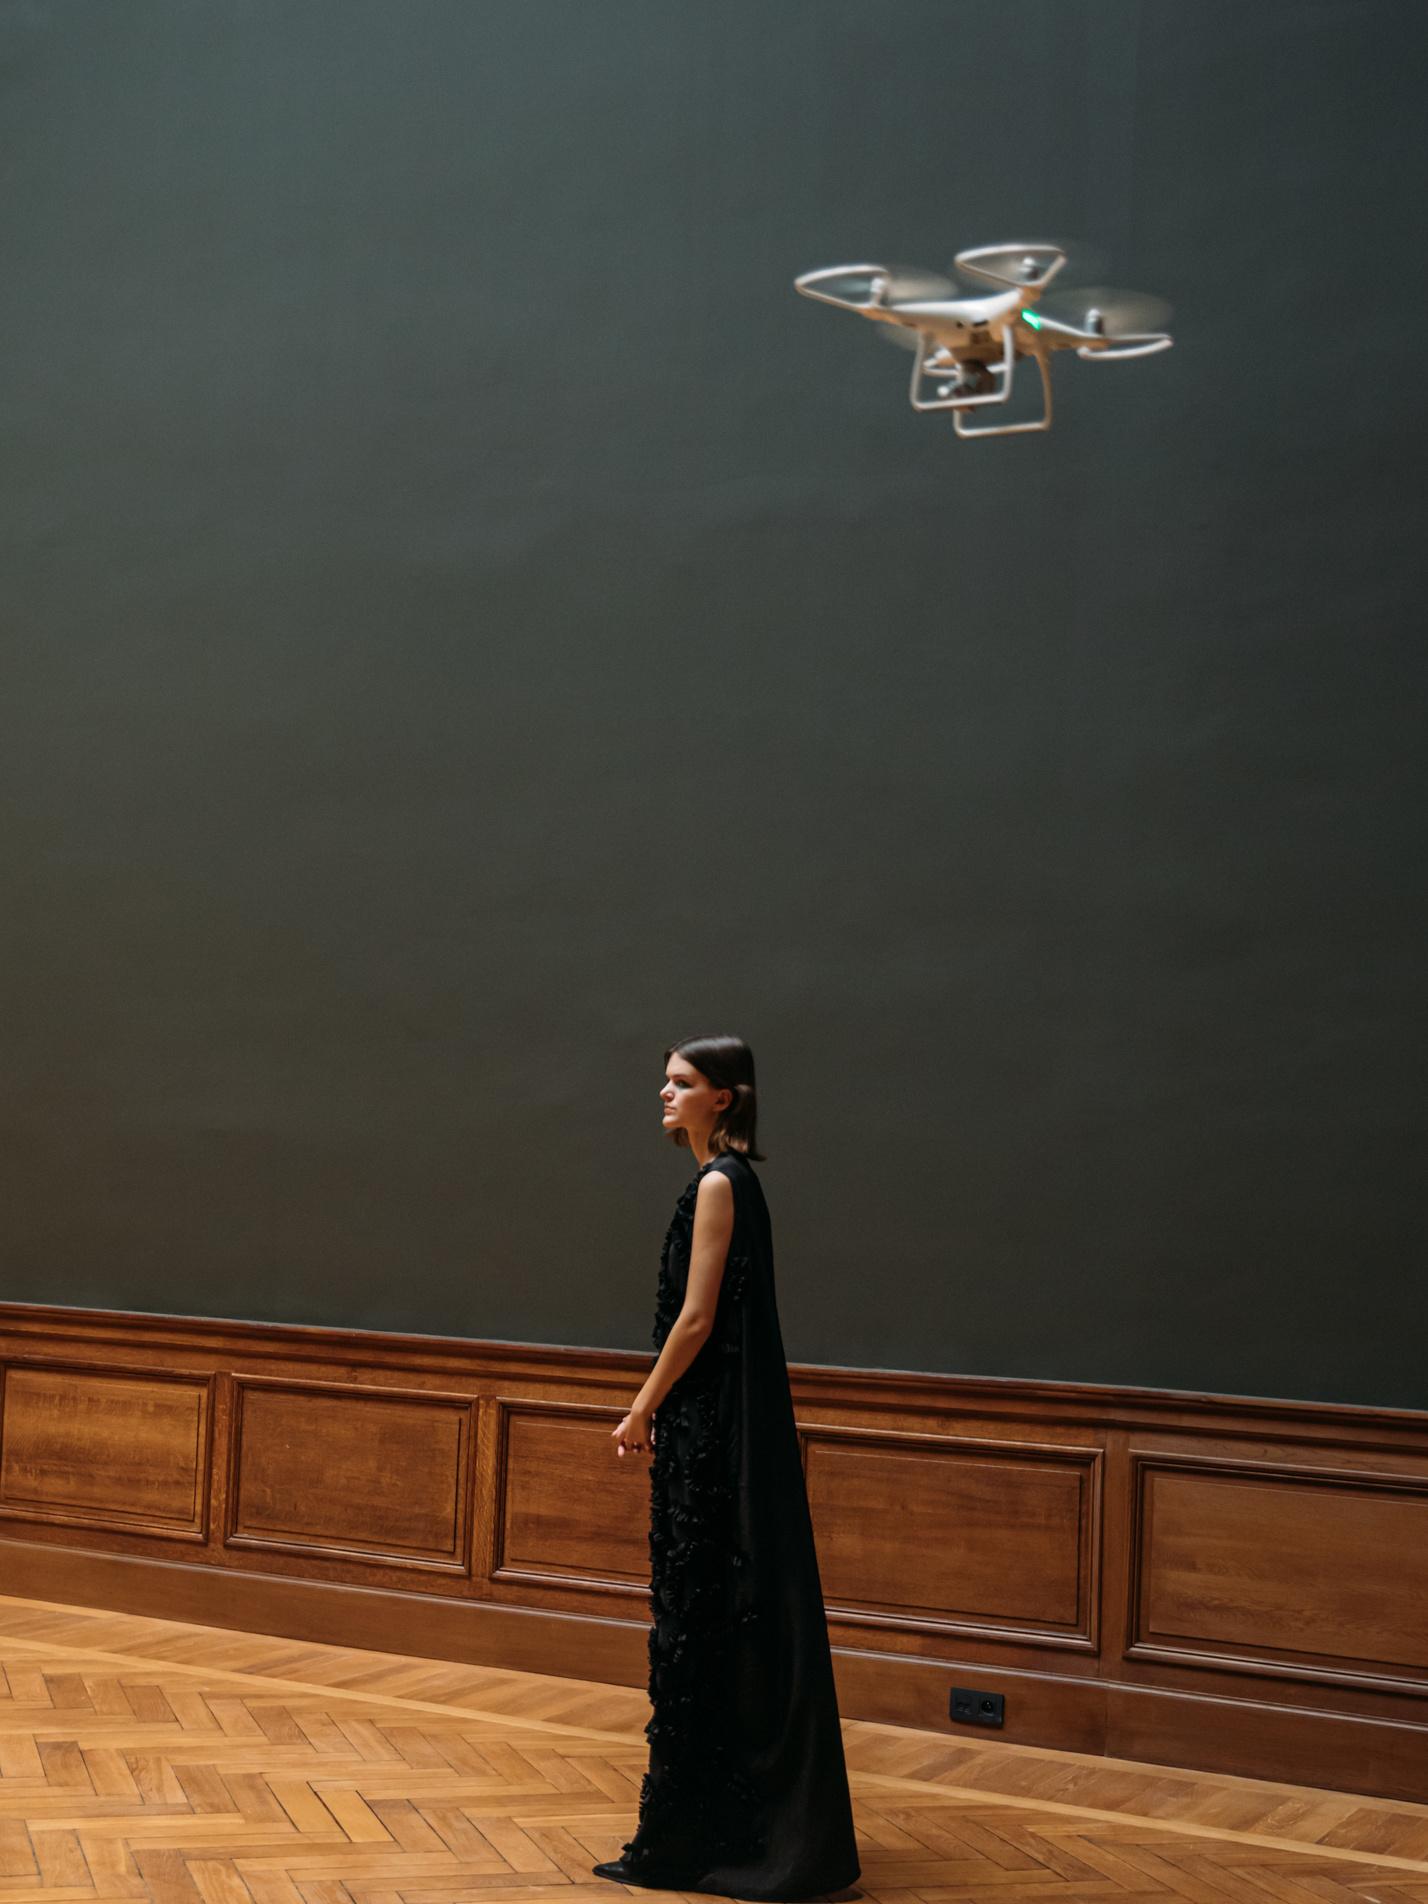 Voor het filmen werd er onder andere beroep gedaan op een drone, Klaartje Lambrechts